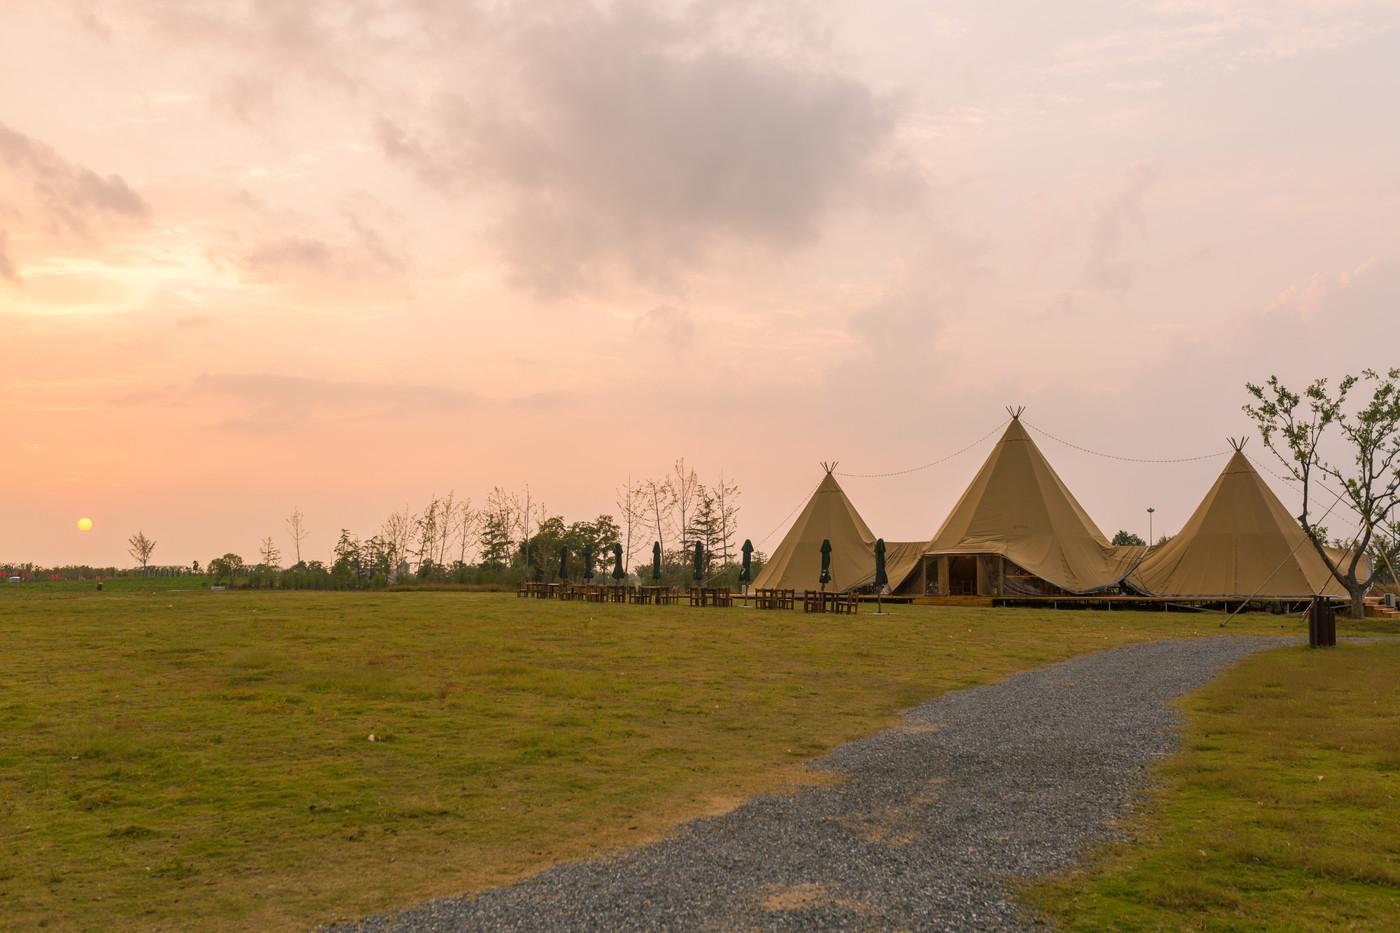 喜马拉雅印第安多功能大厅帐篷酒店15